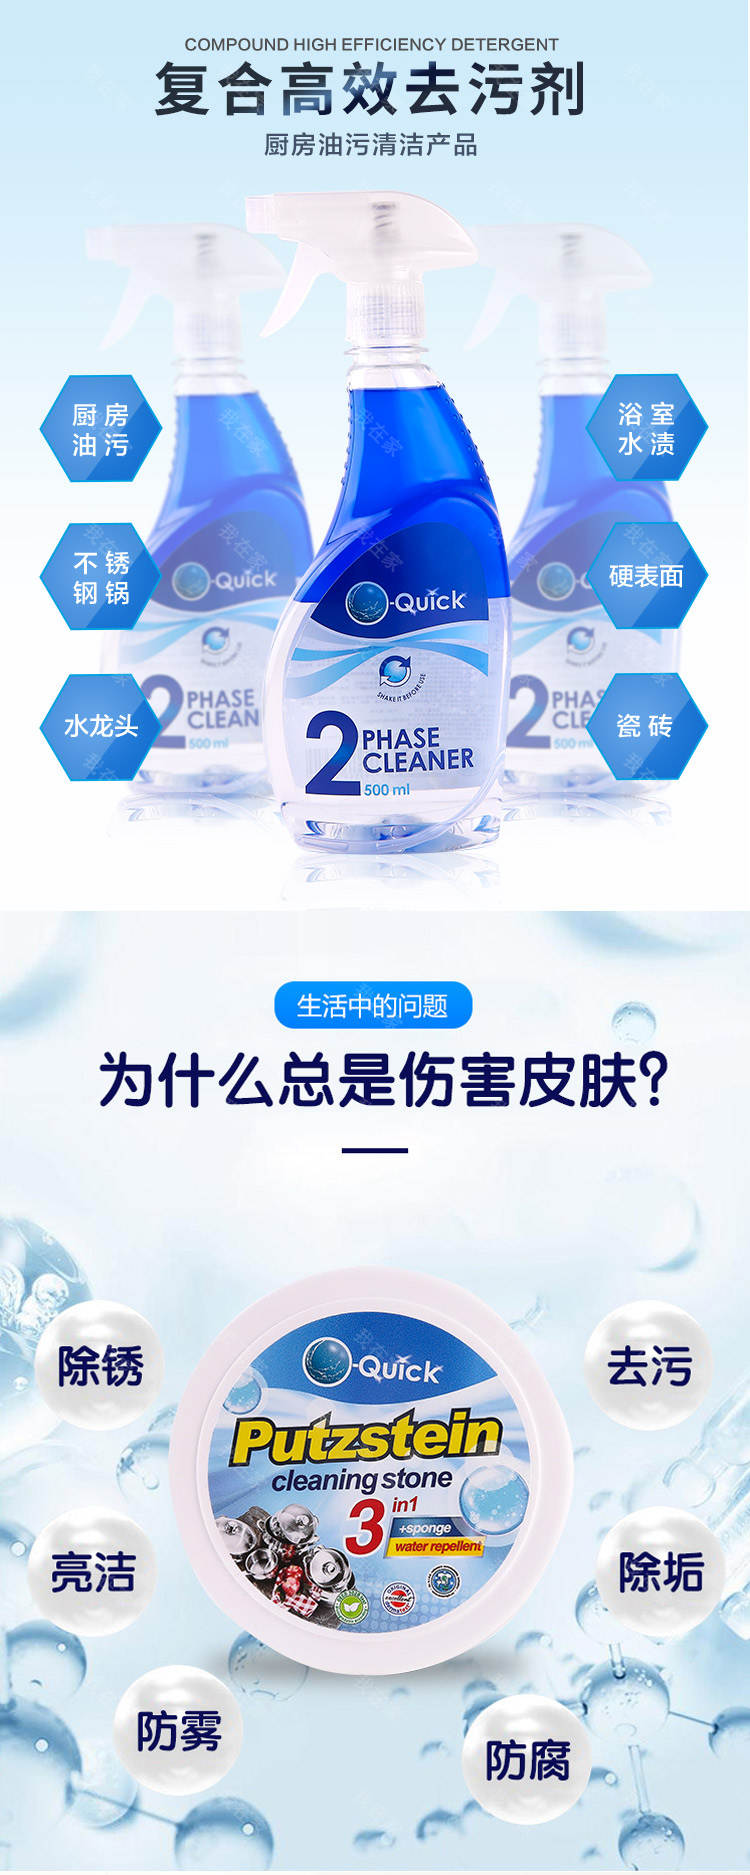 O-Quick欧快品牌欧快多用途清洁组合套装的详细介绍